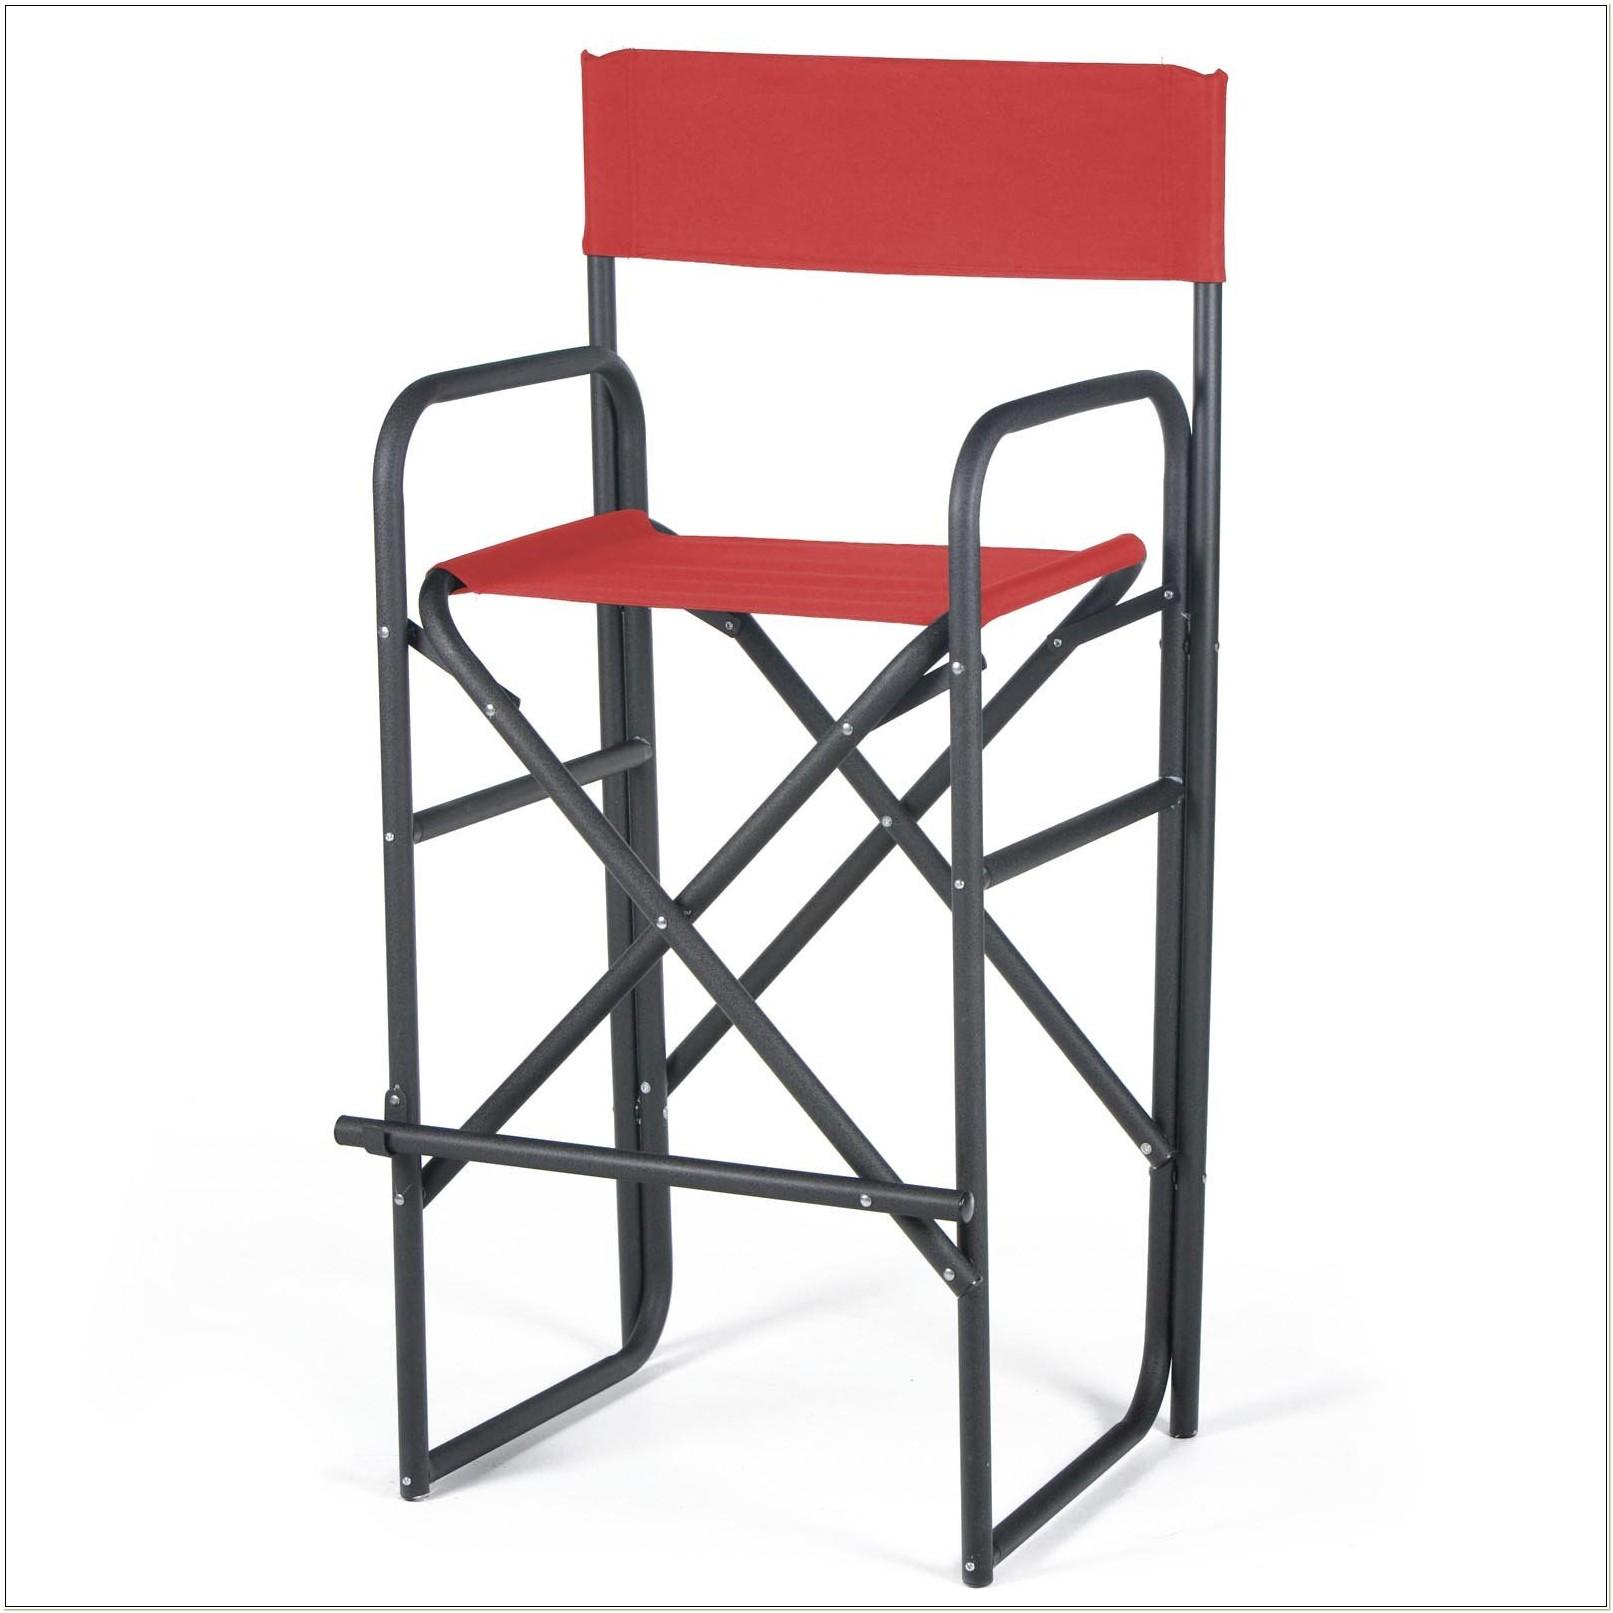 Outdoor Directors Chair Bar Height